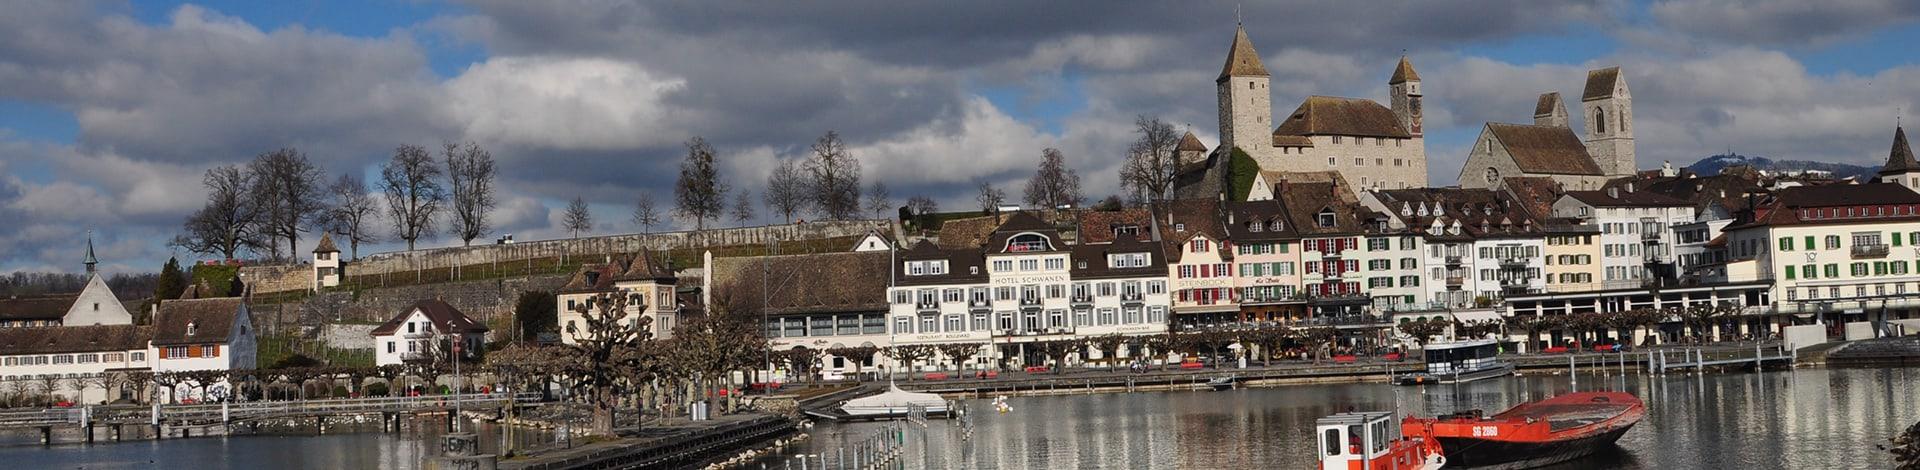 Aussicht auf Stadt Rapperswil